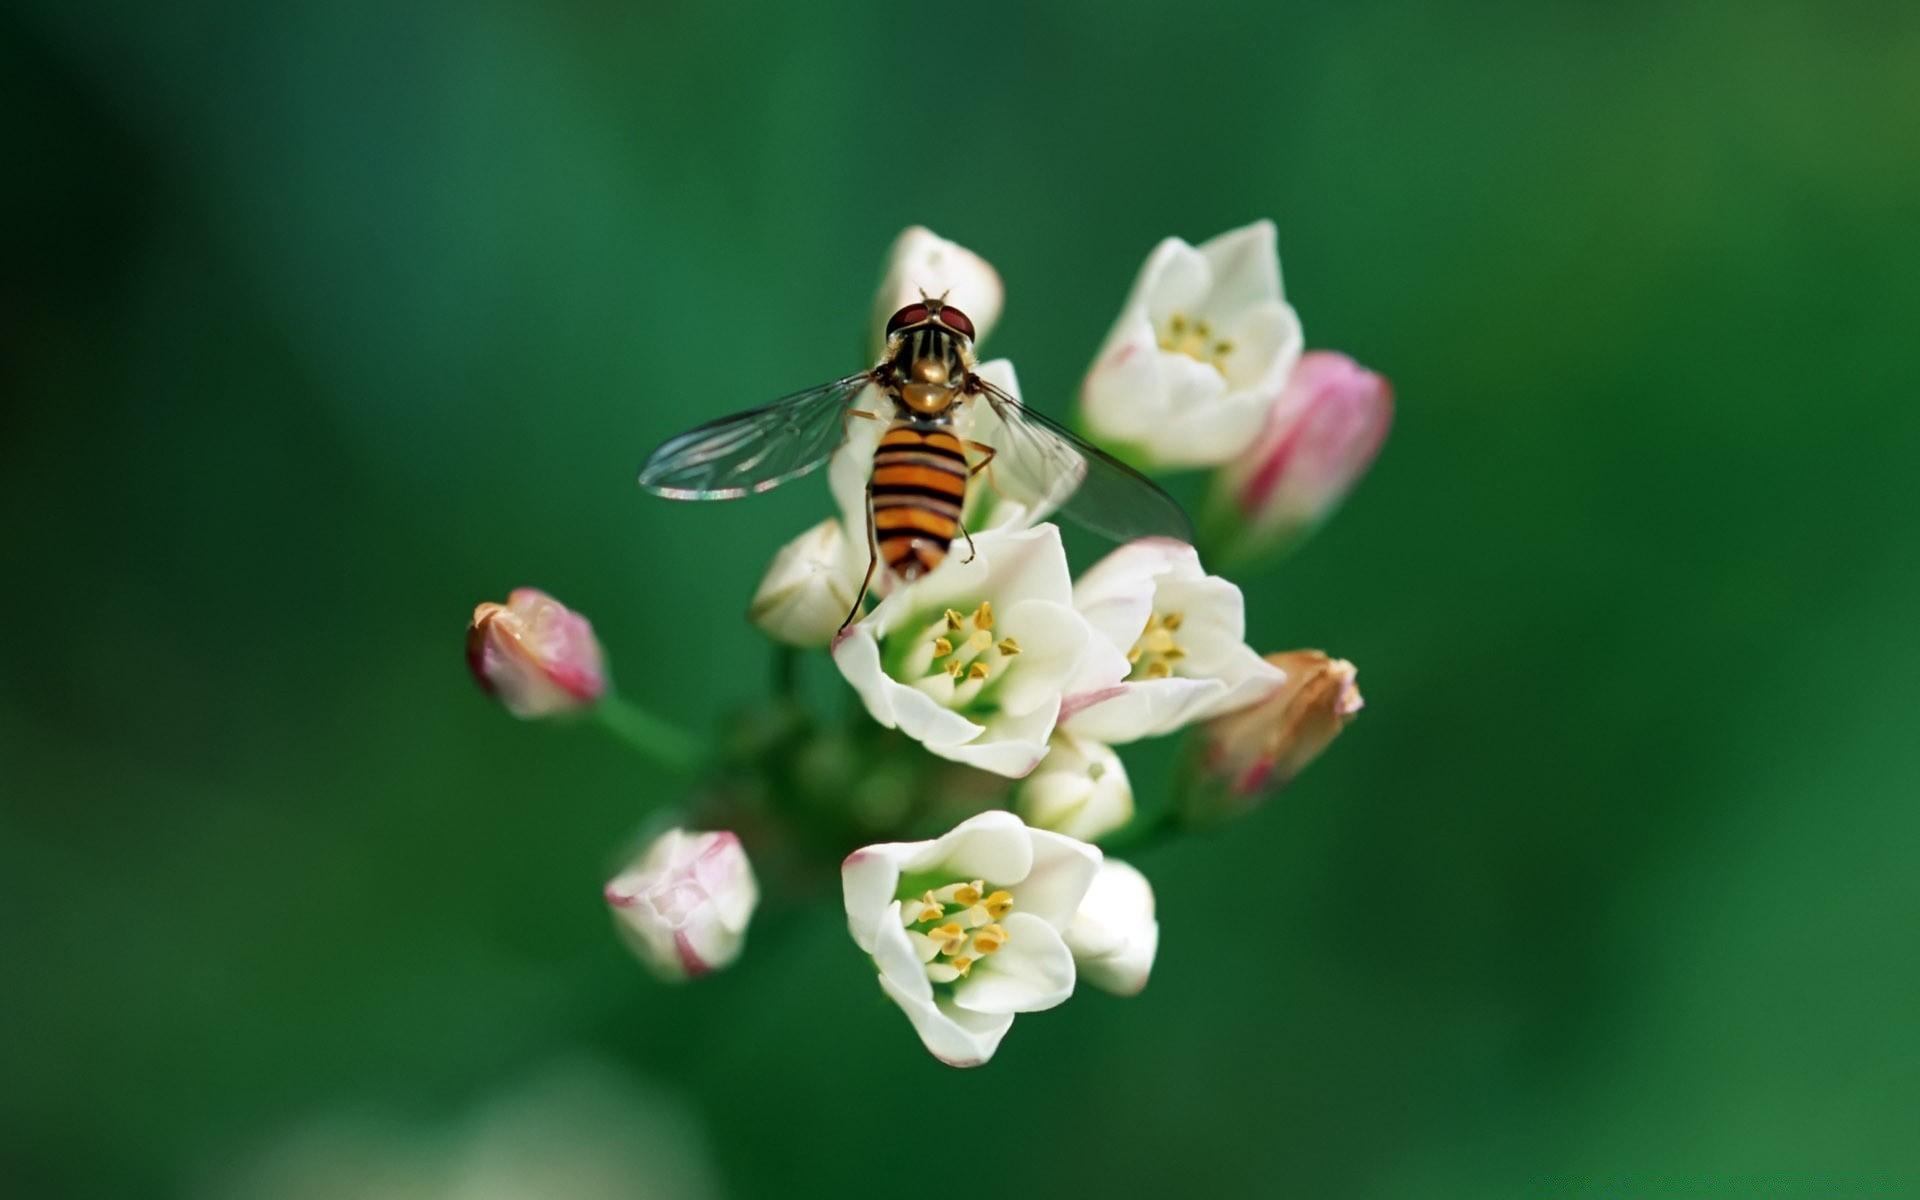 бабочка цветы опыление  № 3353537 загрузить